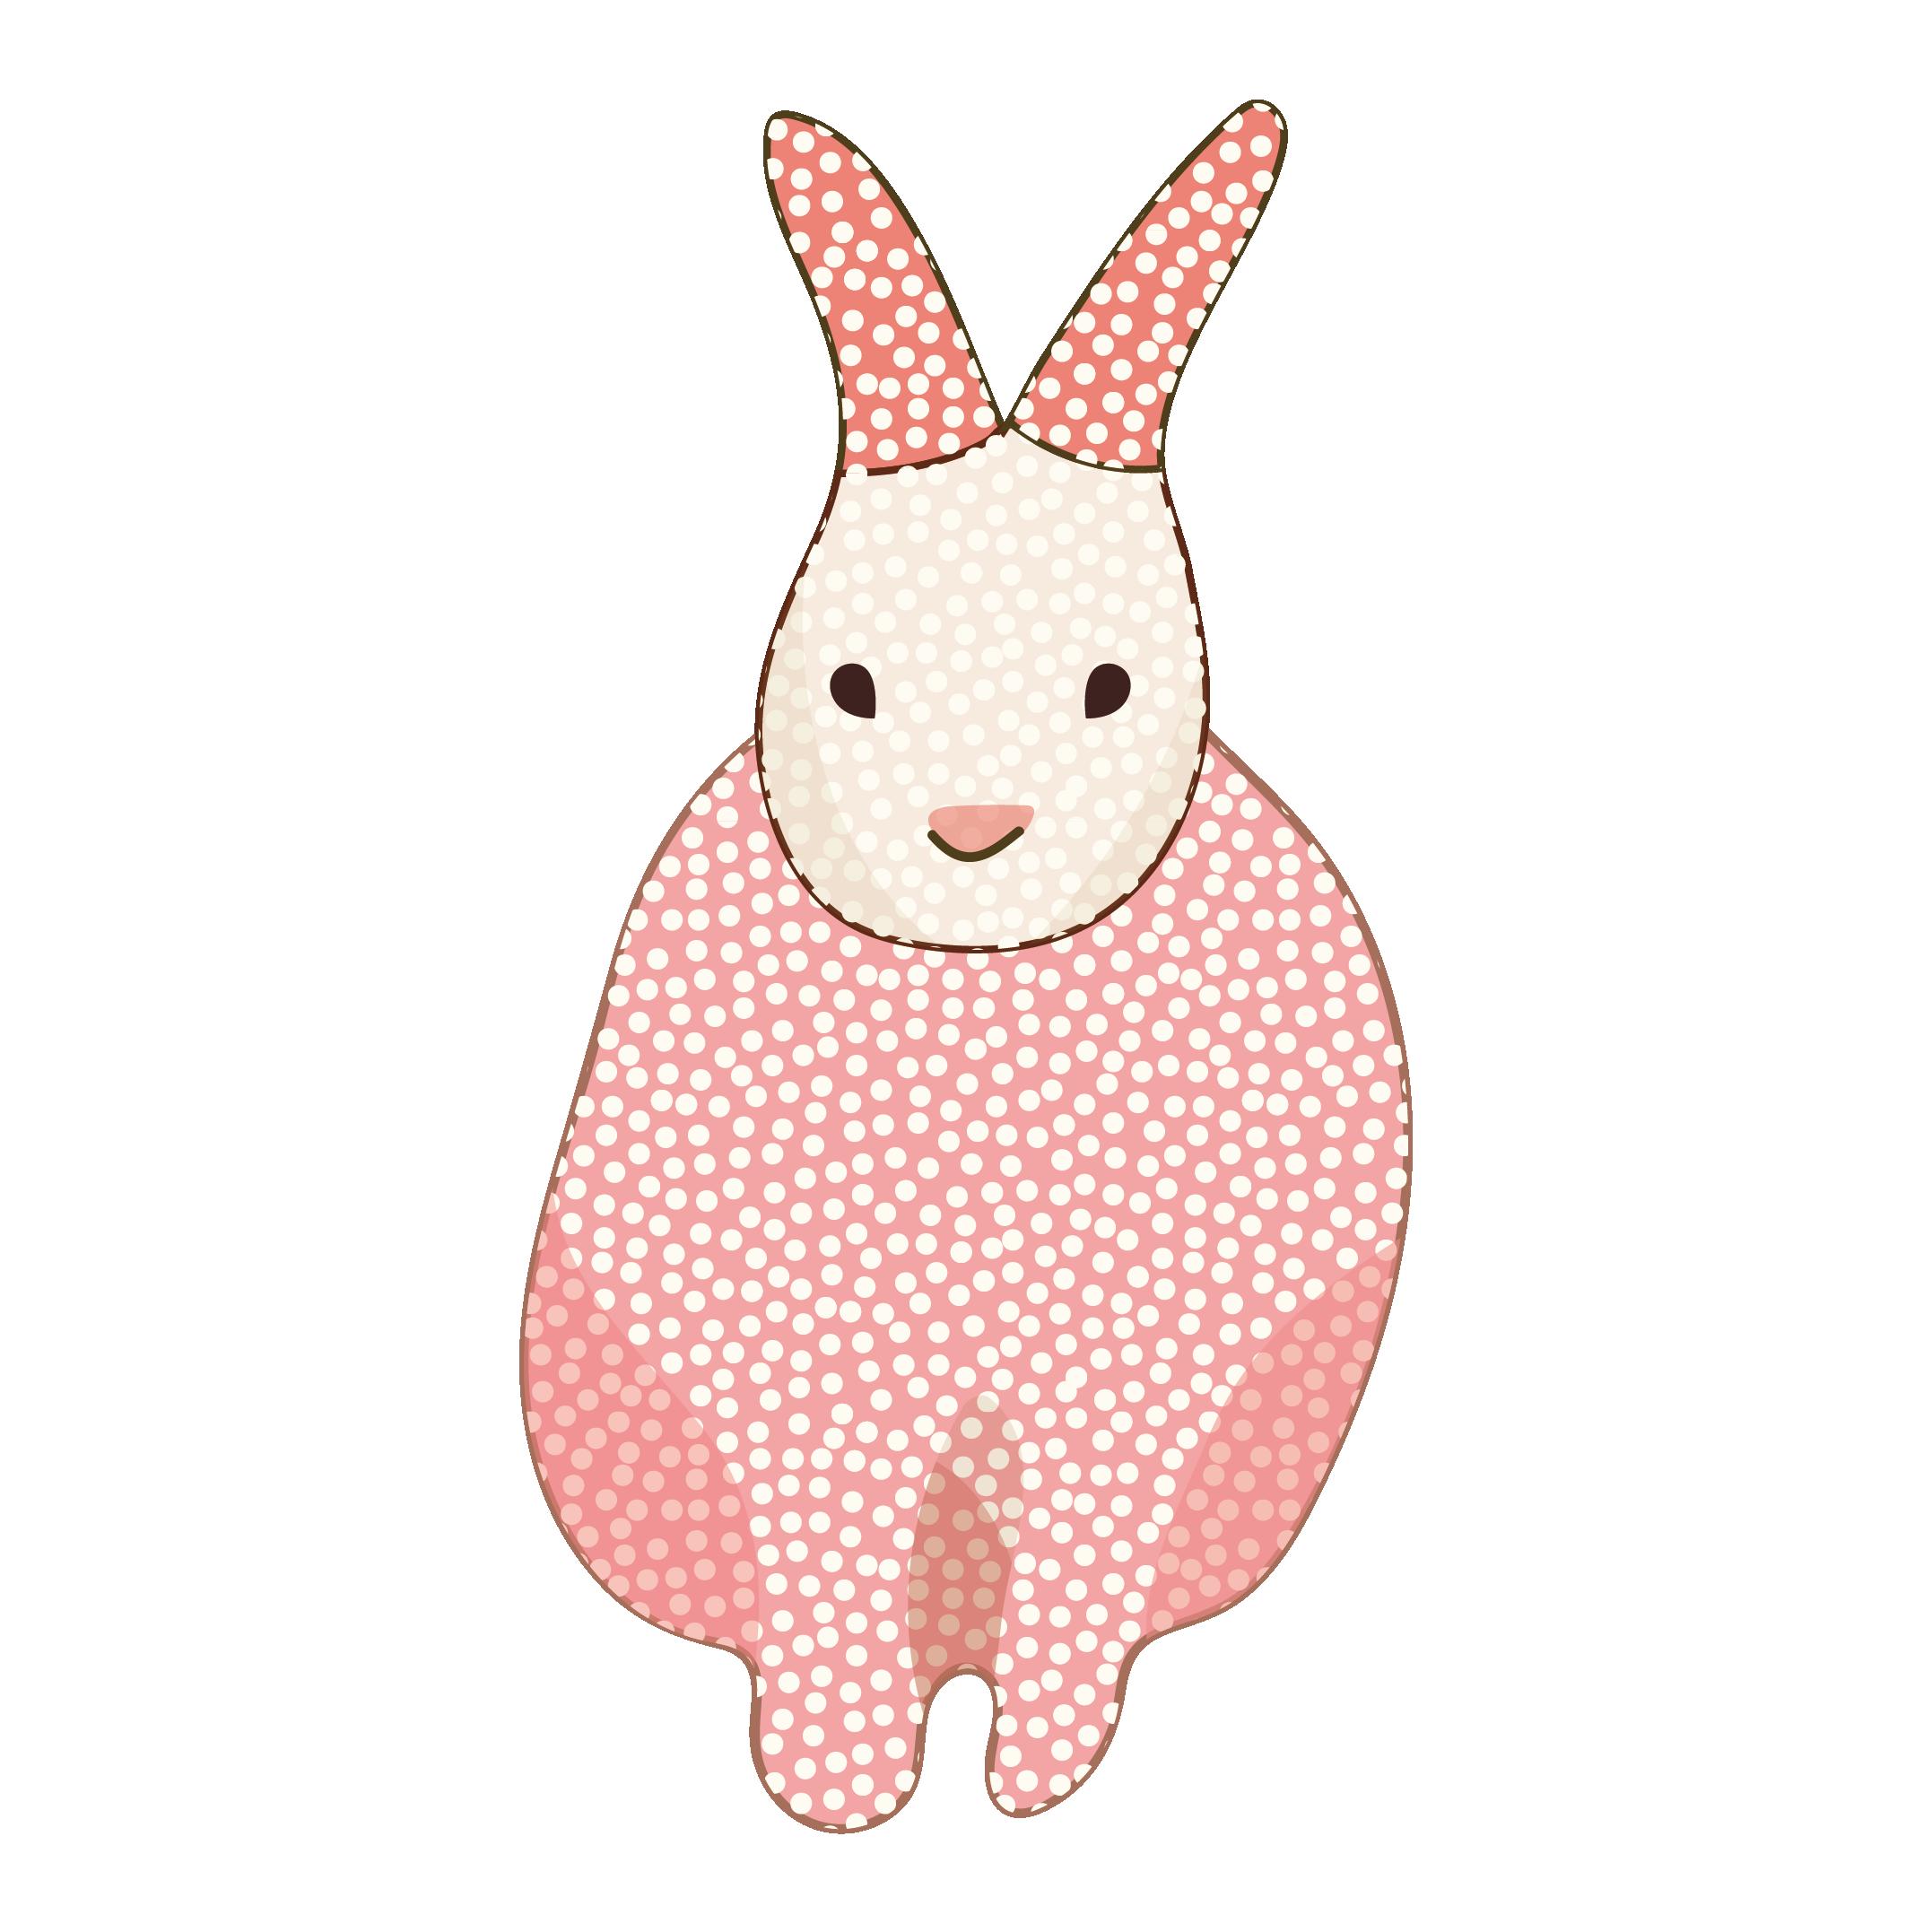 可愛くてオシャレな「うさぎ(兎・ウサギ)のイラスト【動物】 | 商用